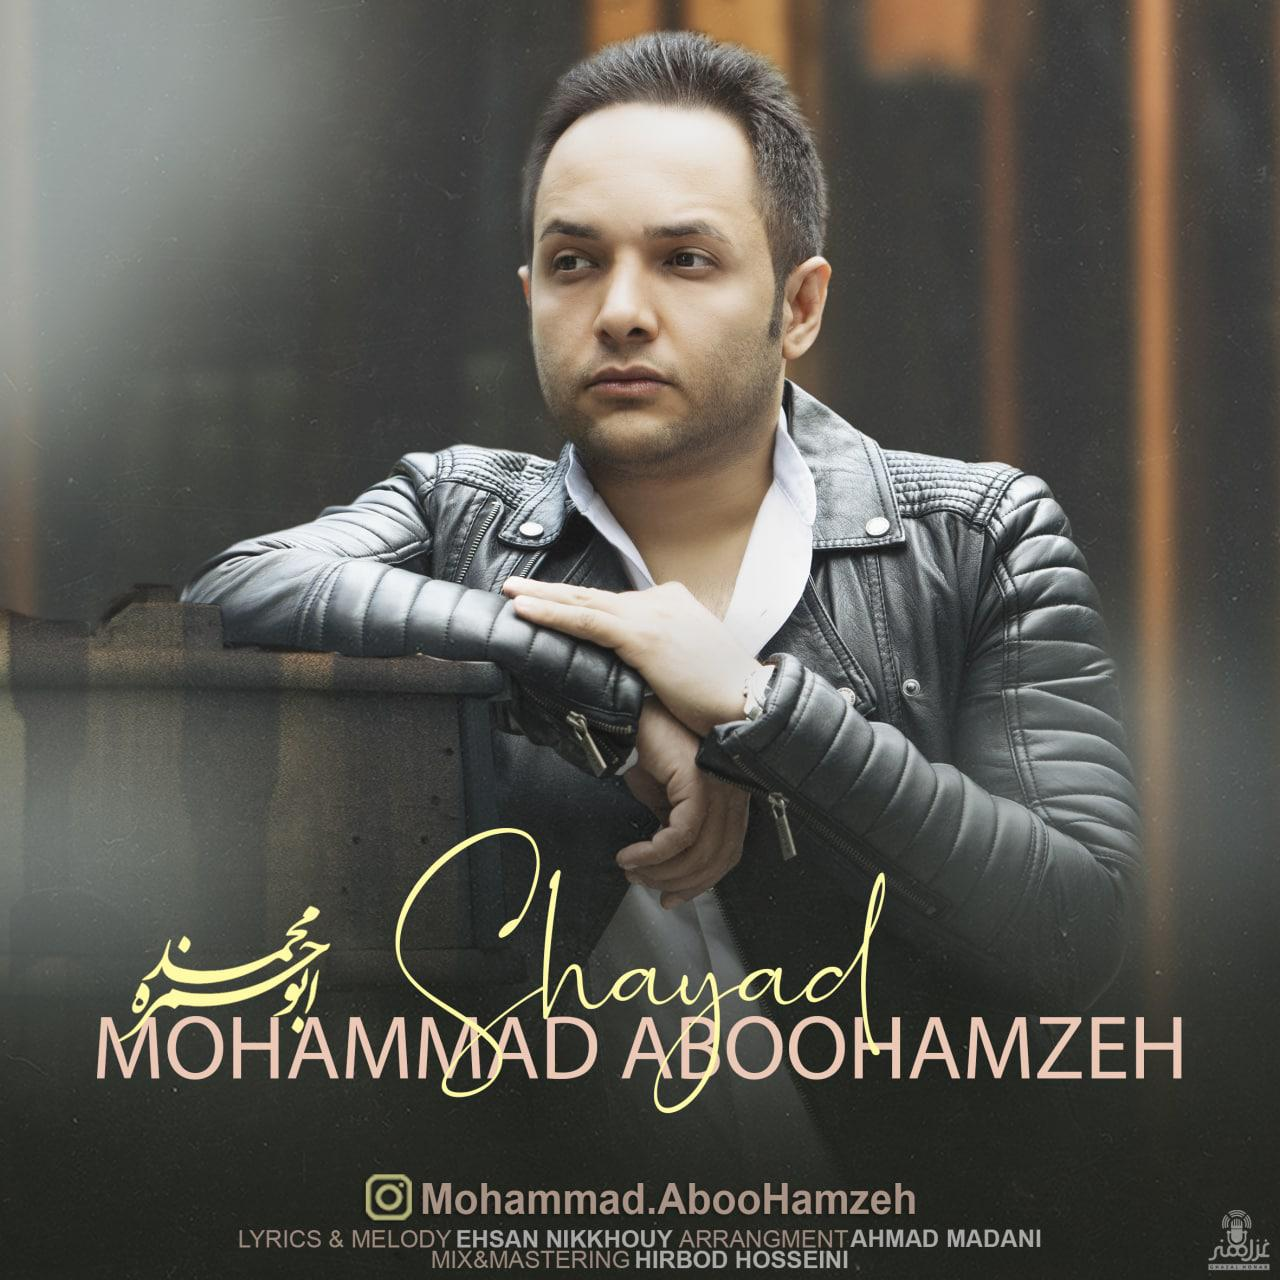 Mohammad Aboohamzeh – Shayad